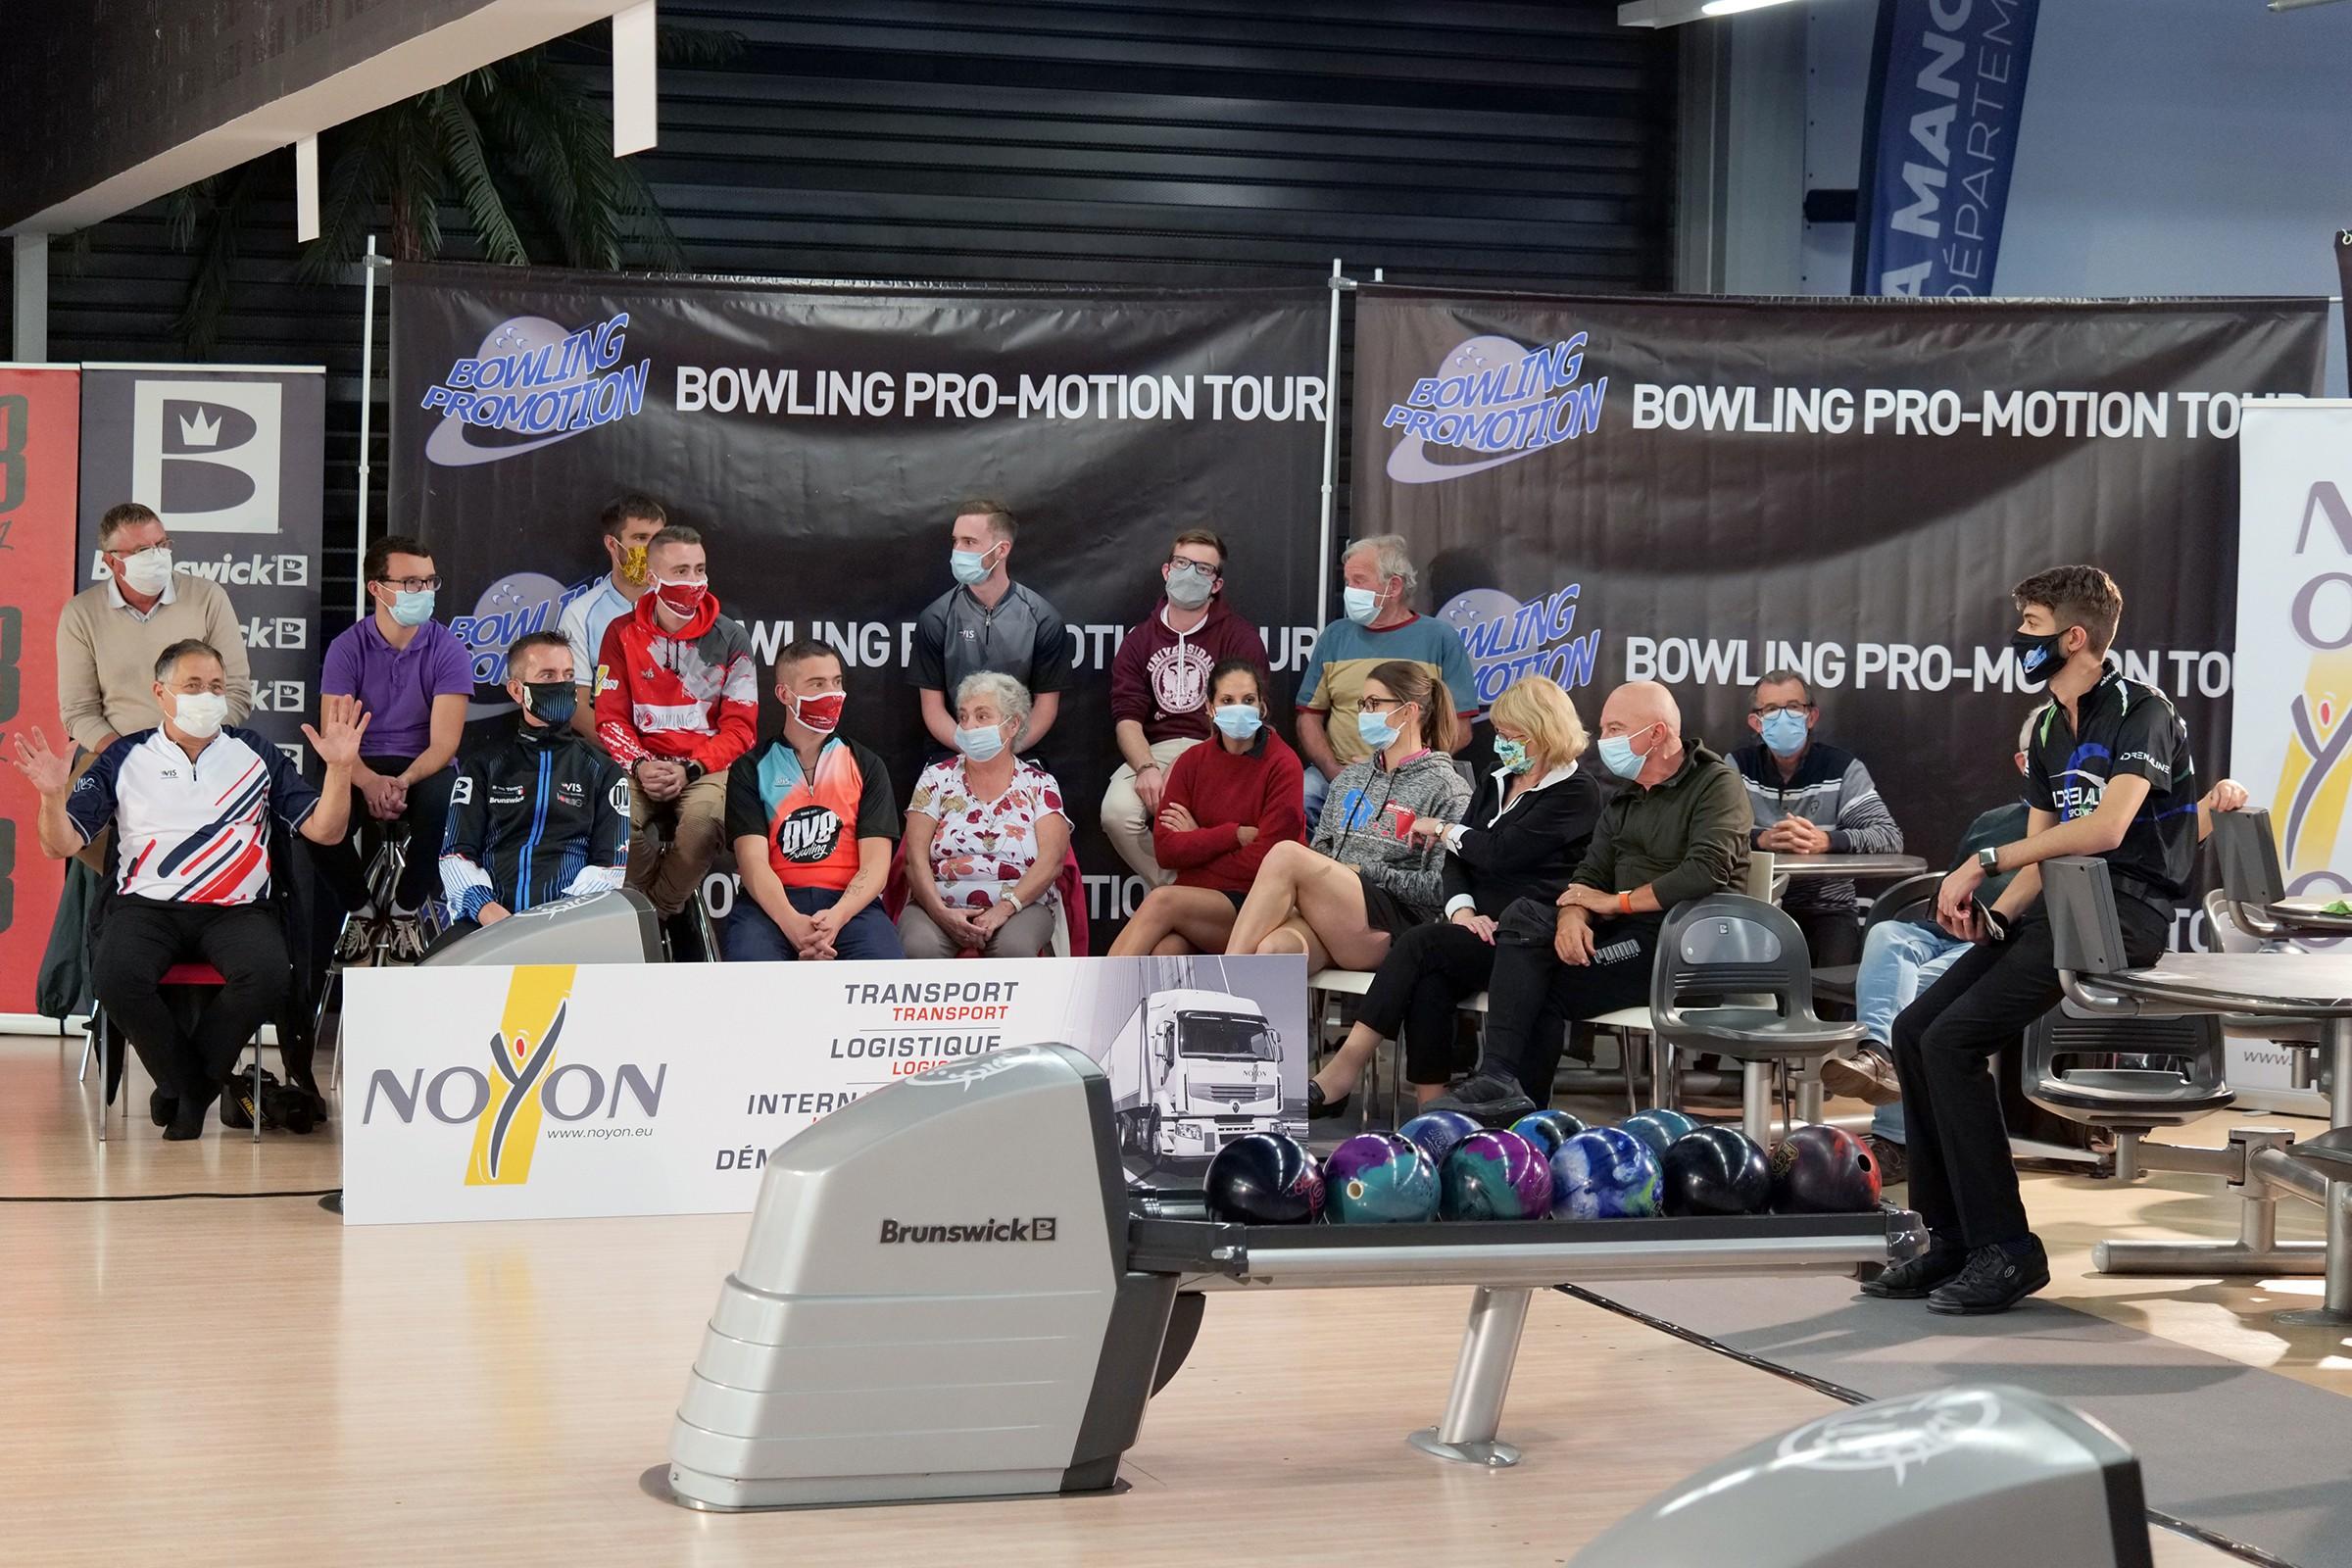 Bowling promotion tour 2020 saint lo photos ruel alain 005